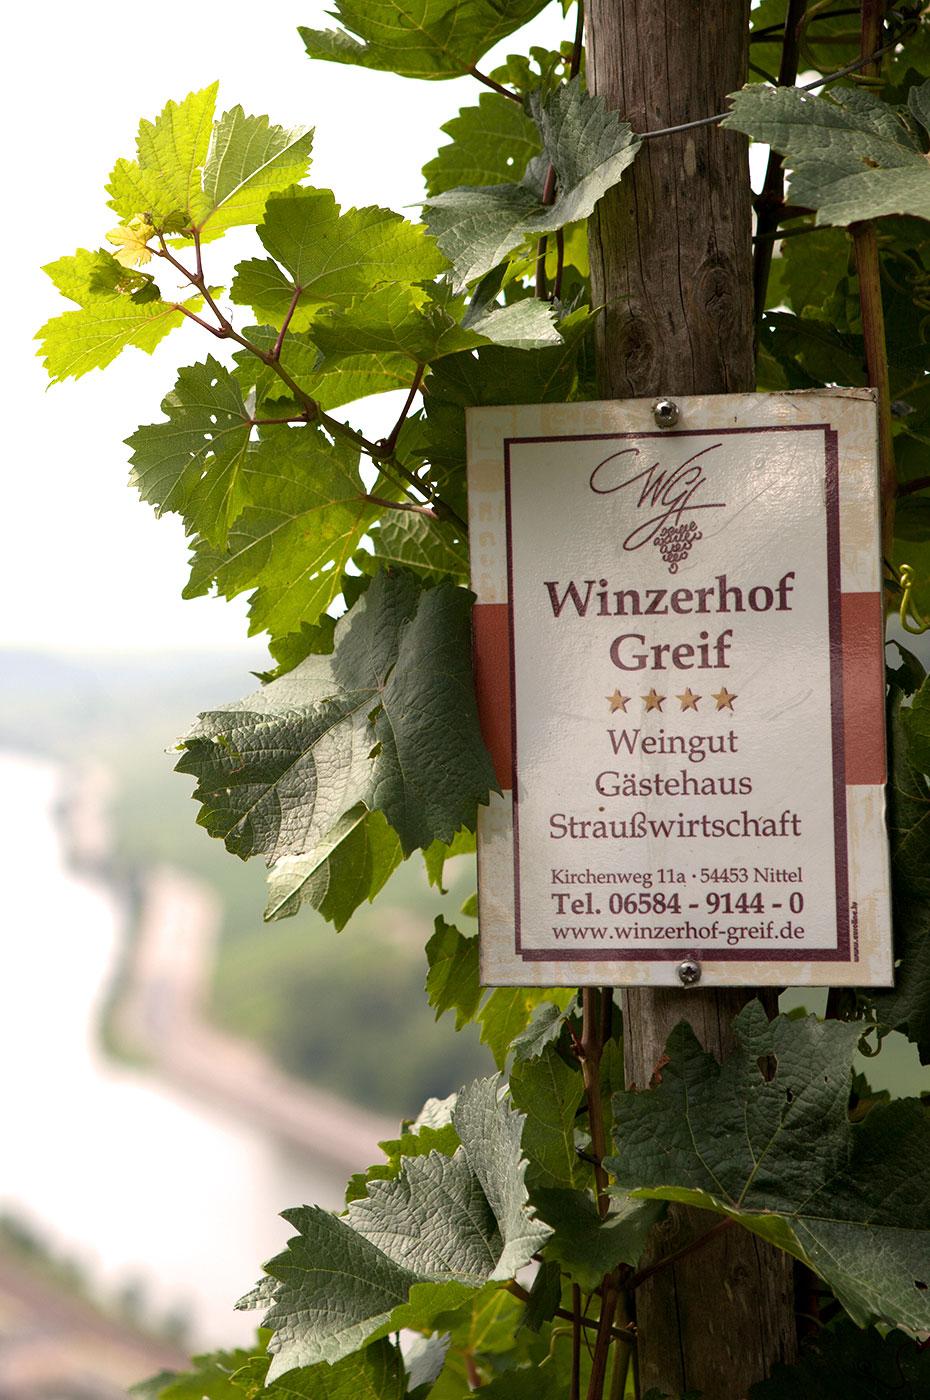 Winzerhof Greif Rebe